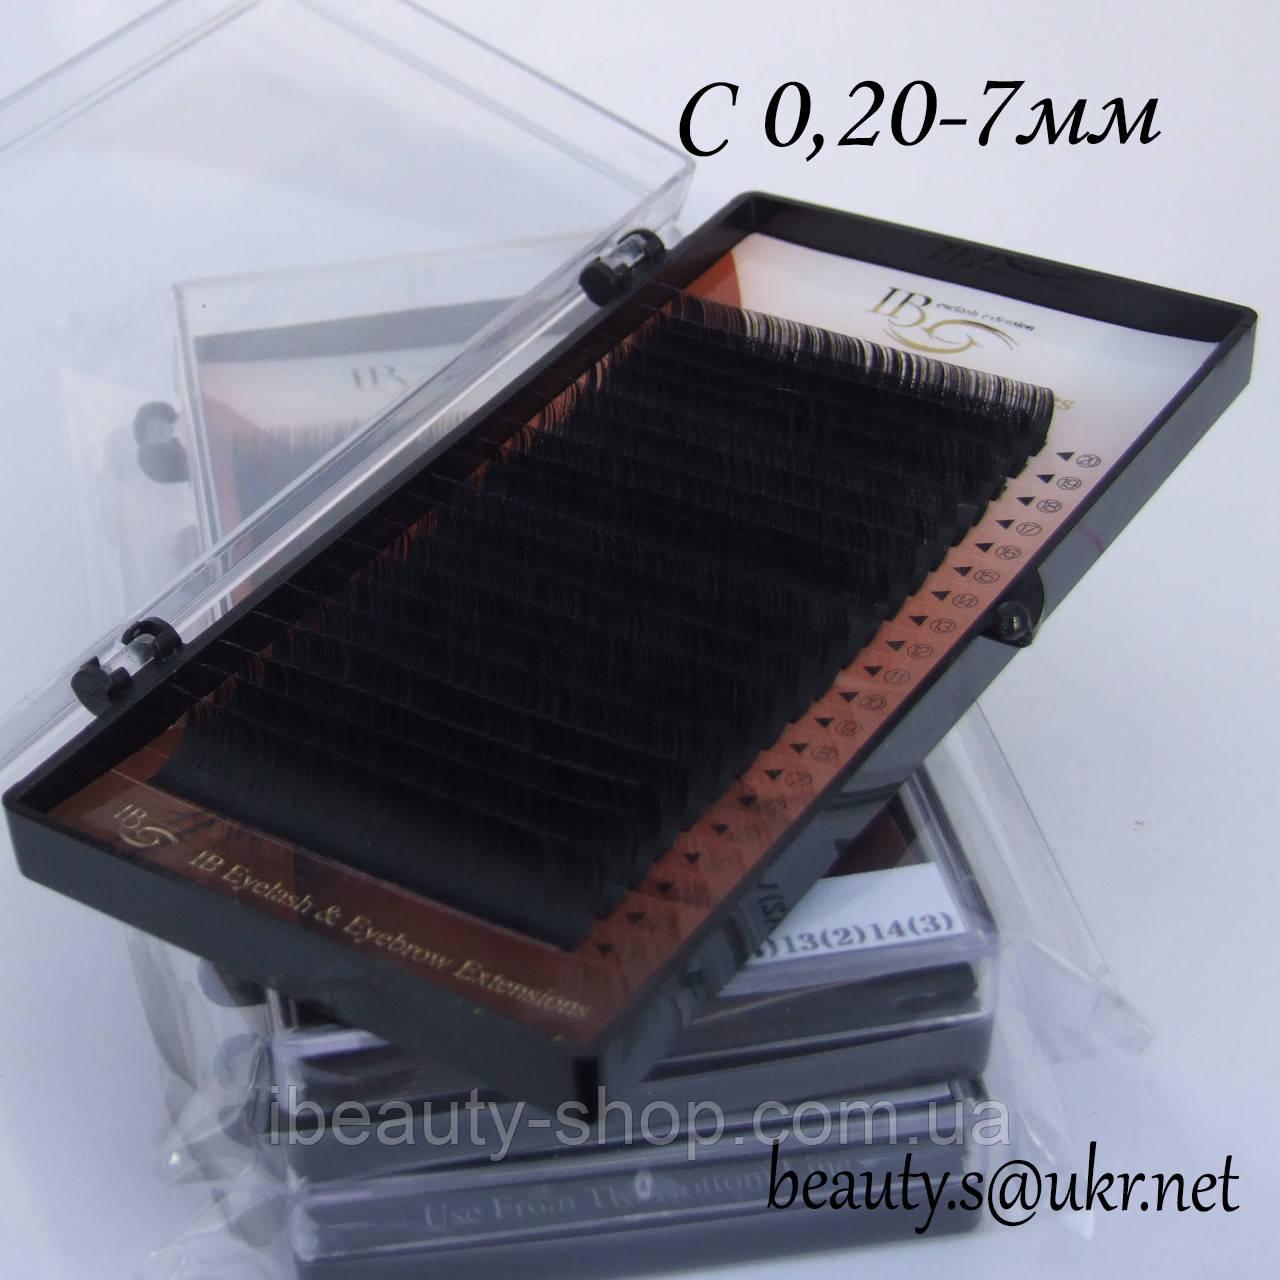 Ресницы  I-Beauty на ленте С-0,20 7мм